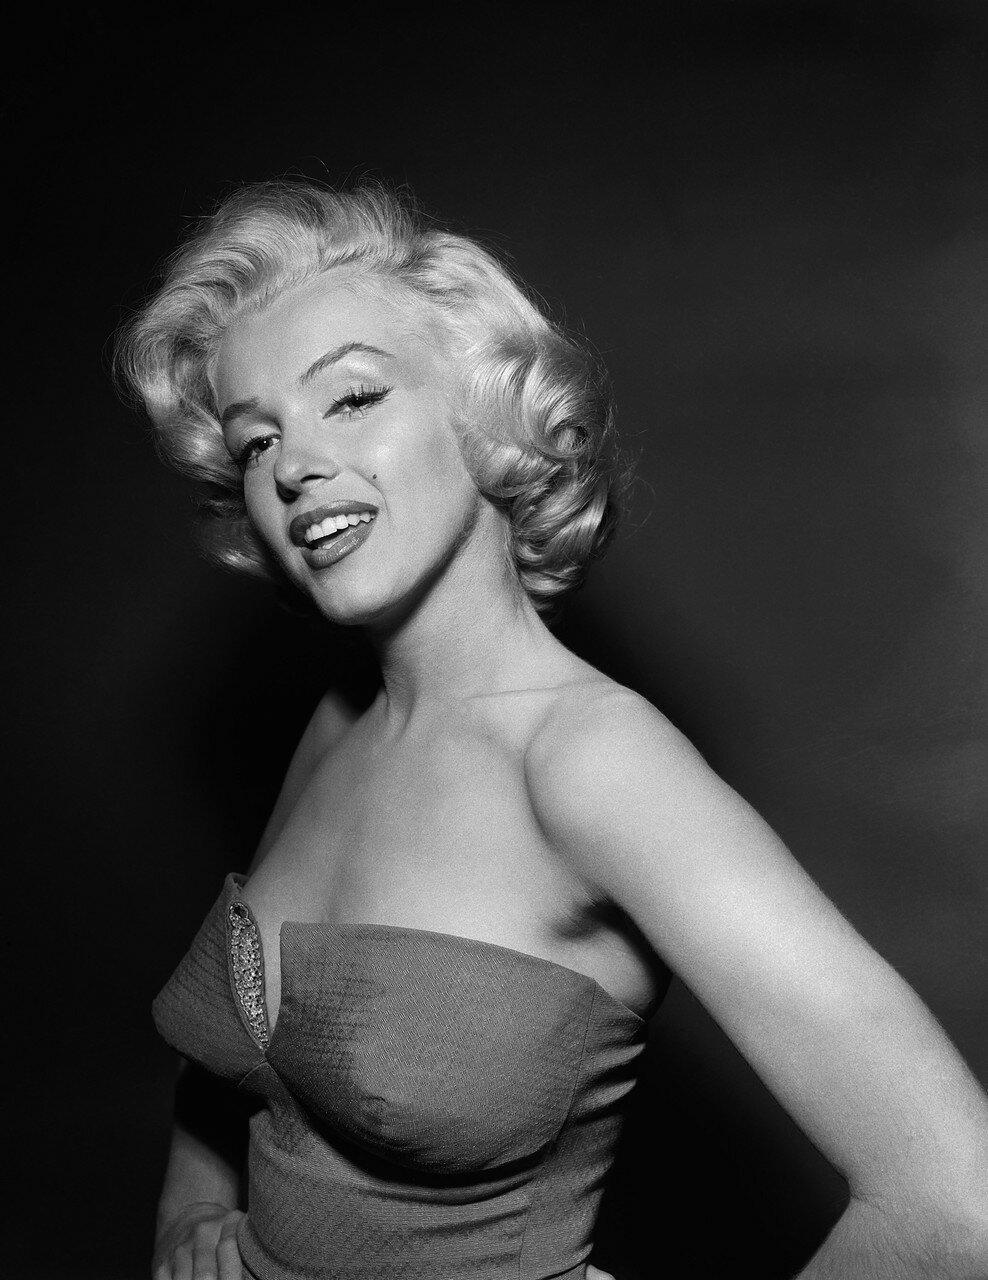 Marilyn Monroe Wearing Strapless Swimsuit